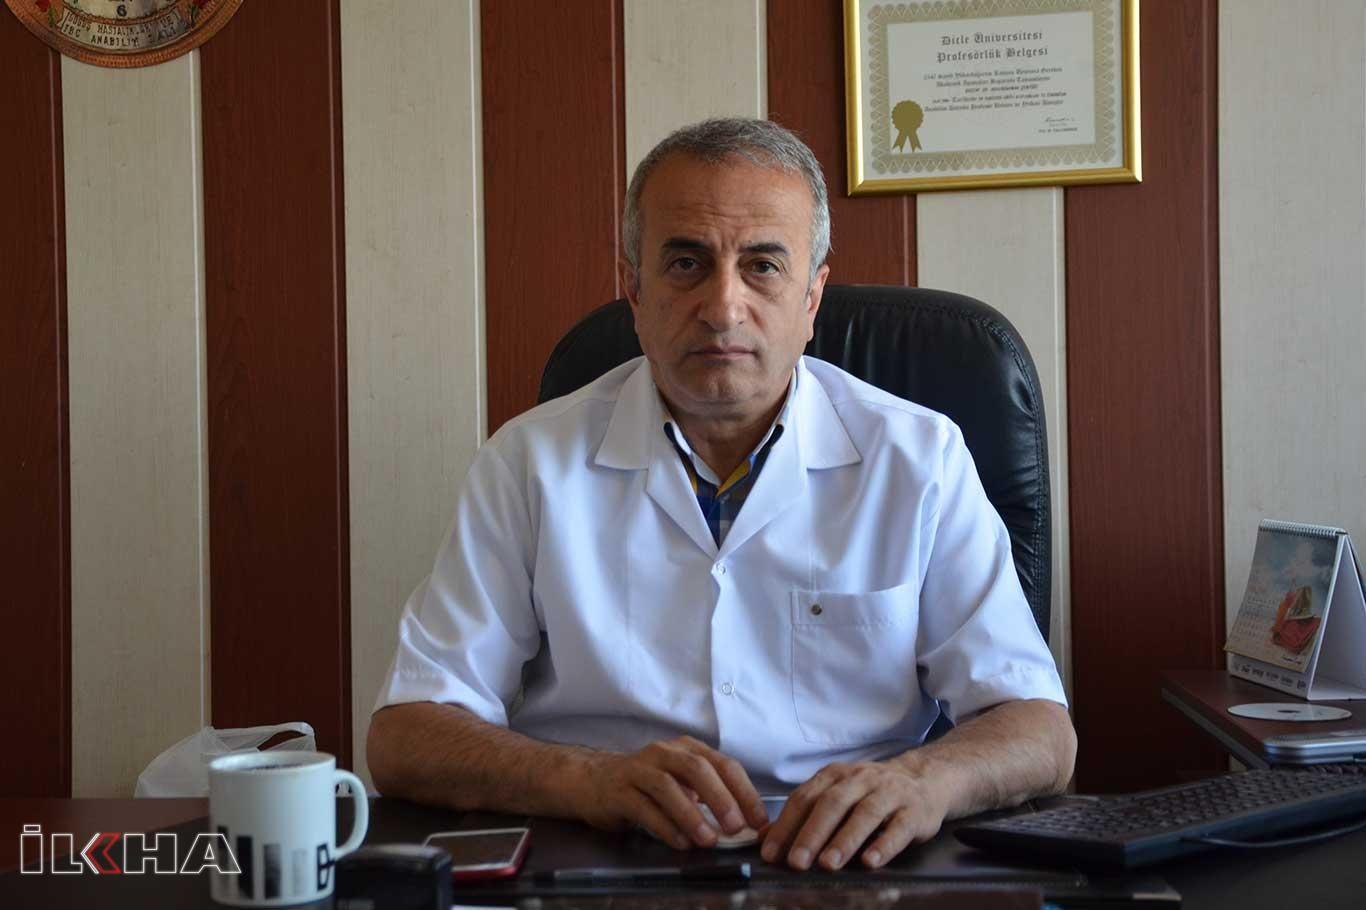 Prof. Dr. Şenyiğit: Uyuşturucu kullanmak hem maddi hem de manevi zarar verir